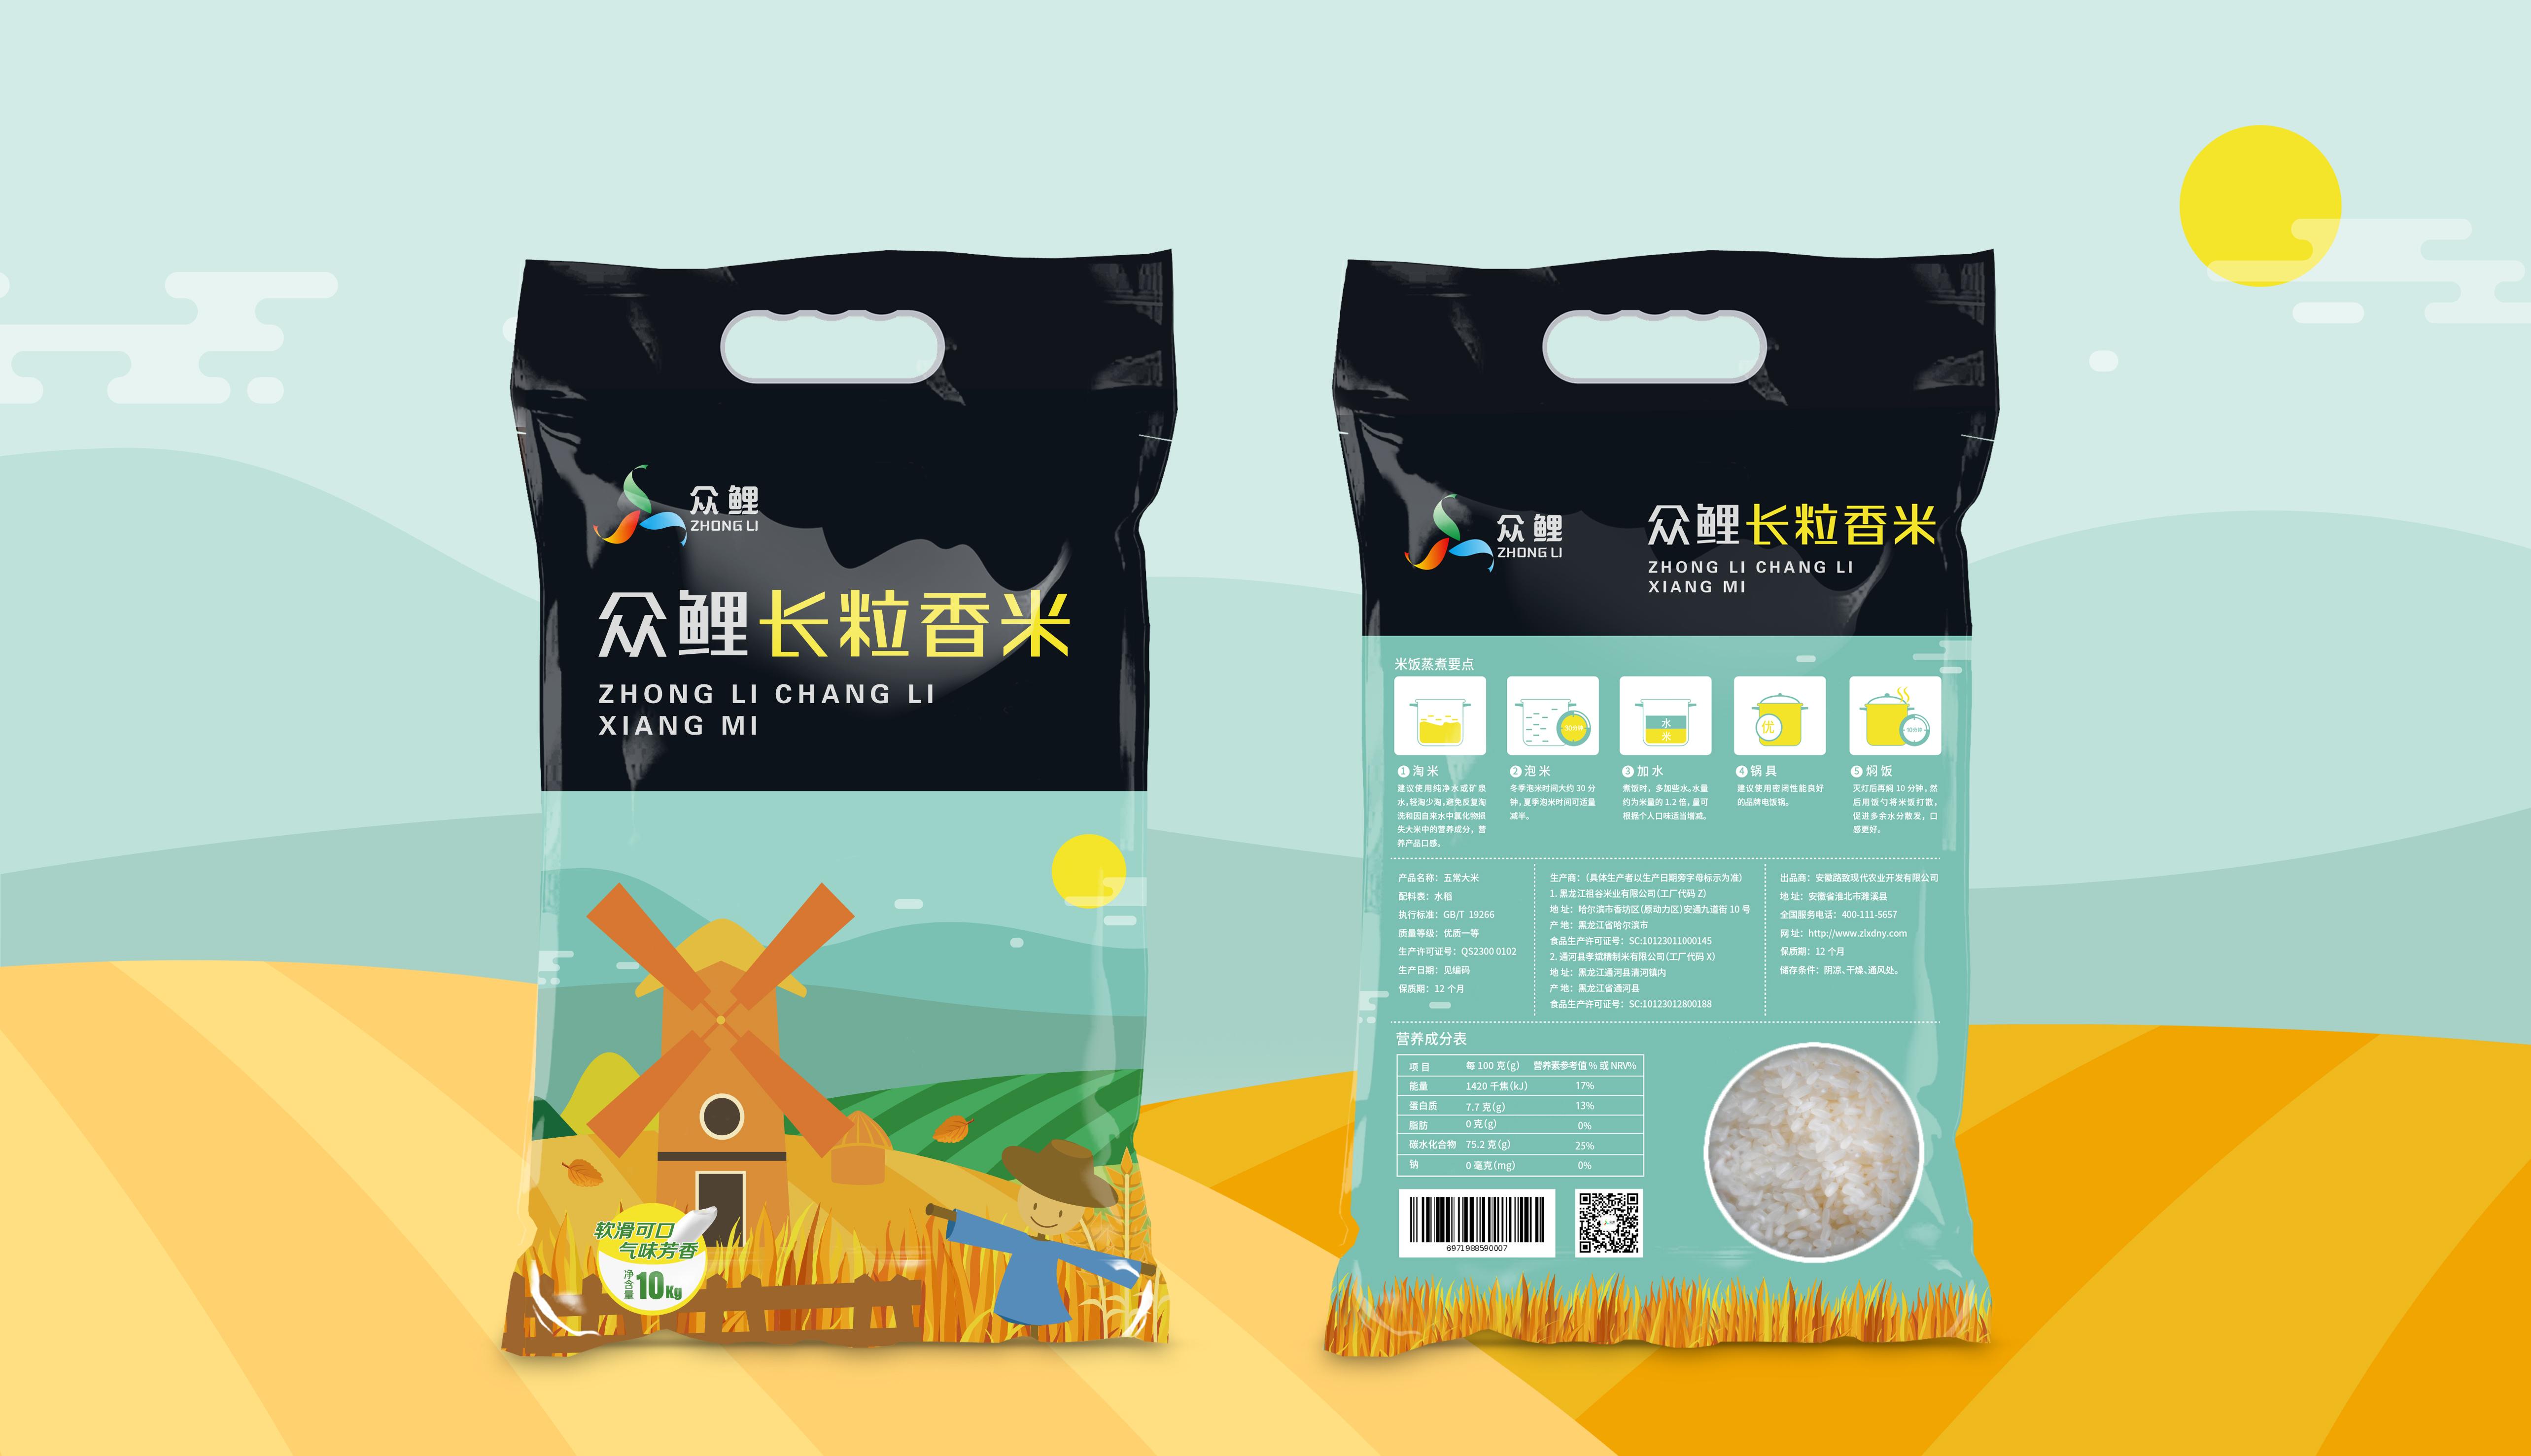 众鲤长粒香米品牌包装设计